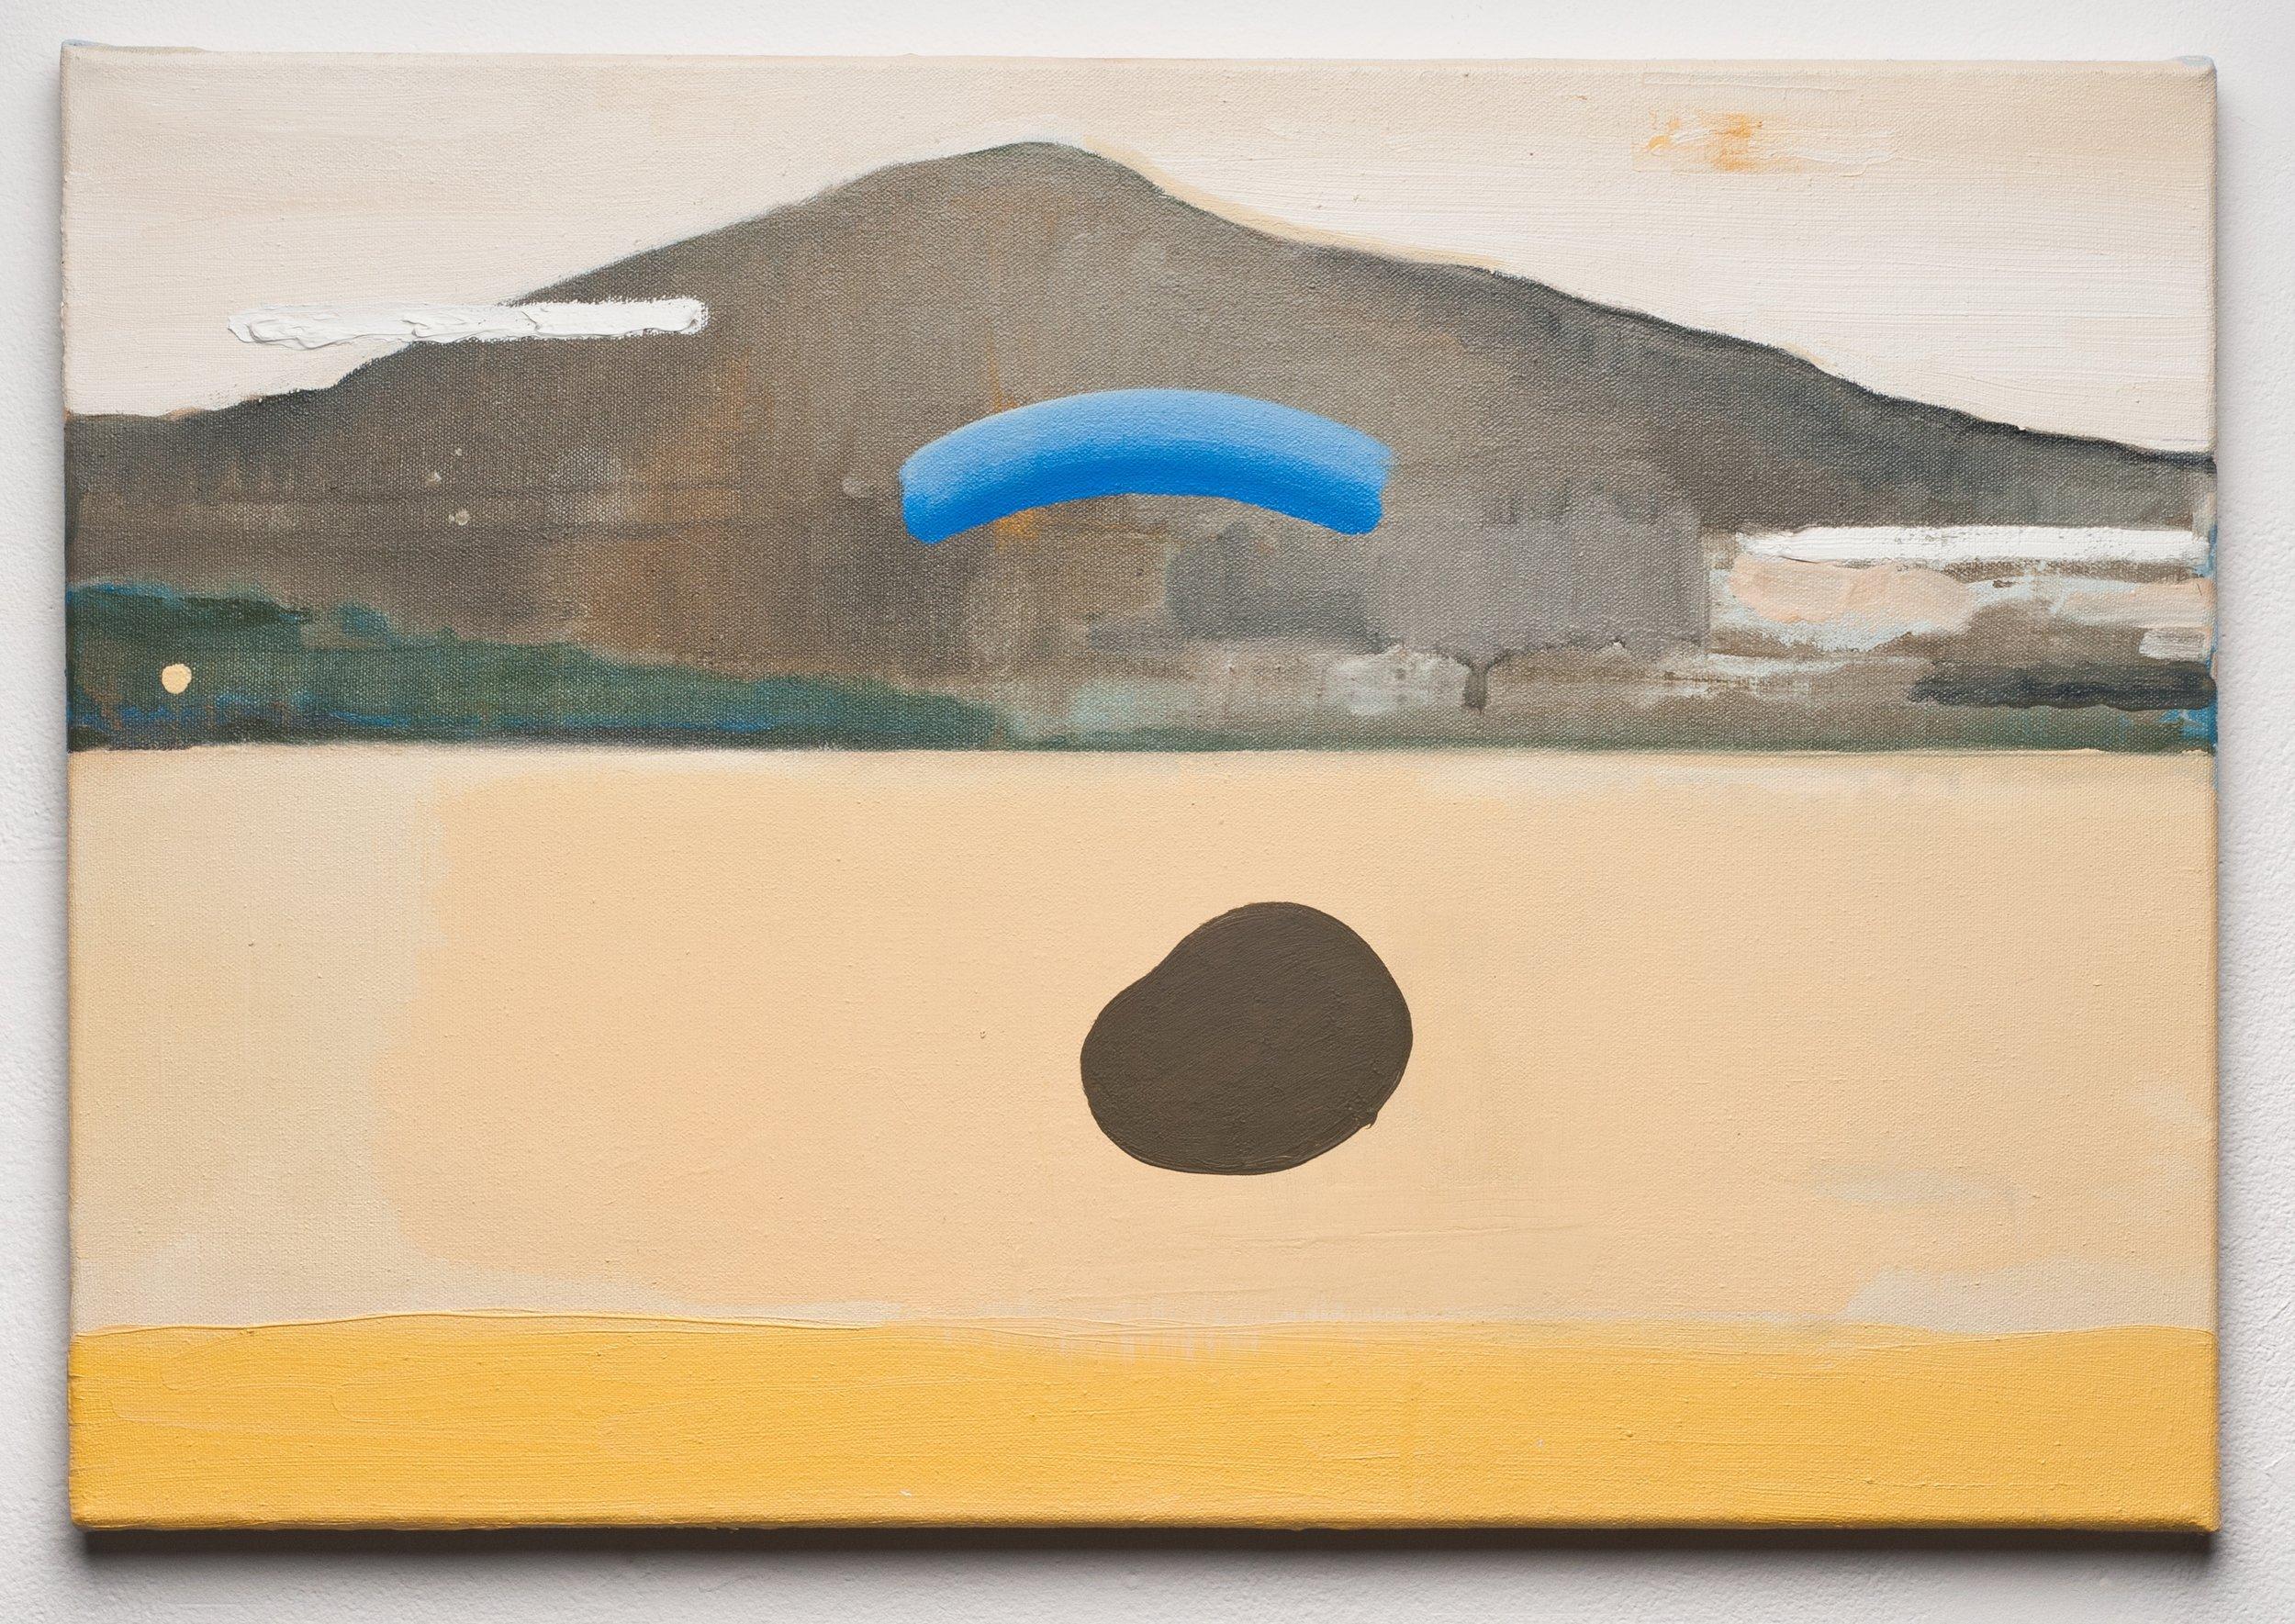 10.Skull in the River, Oil on canvas 16x24 in, 2014 copy 2.jpg